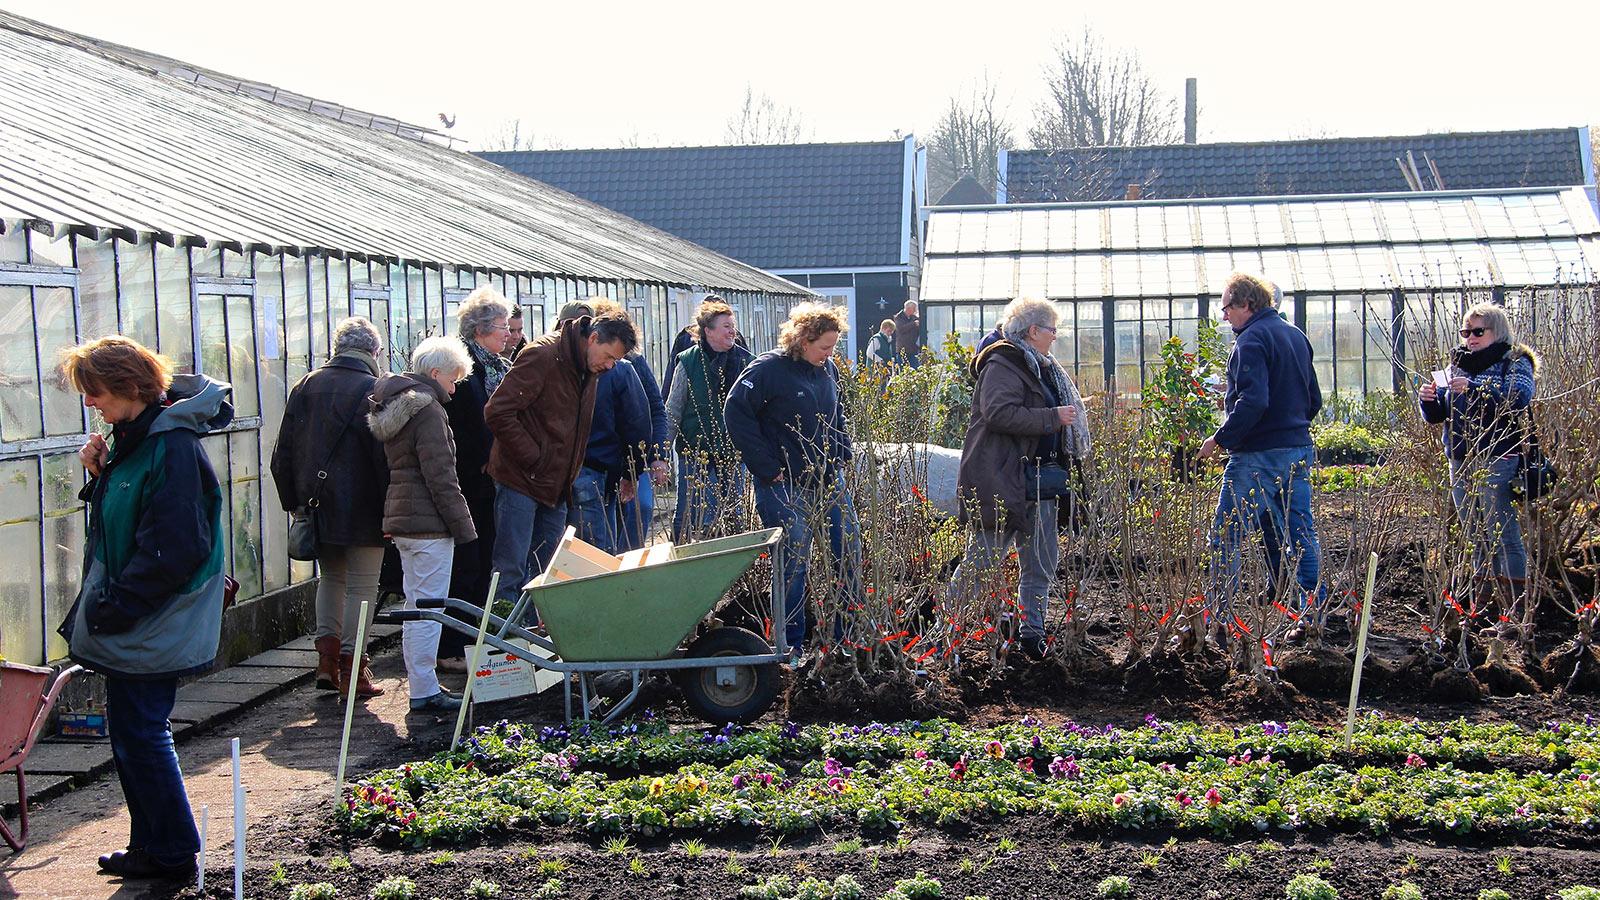 Historische Tuin Aalsmeer - Start seizoen 2020